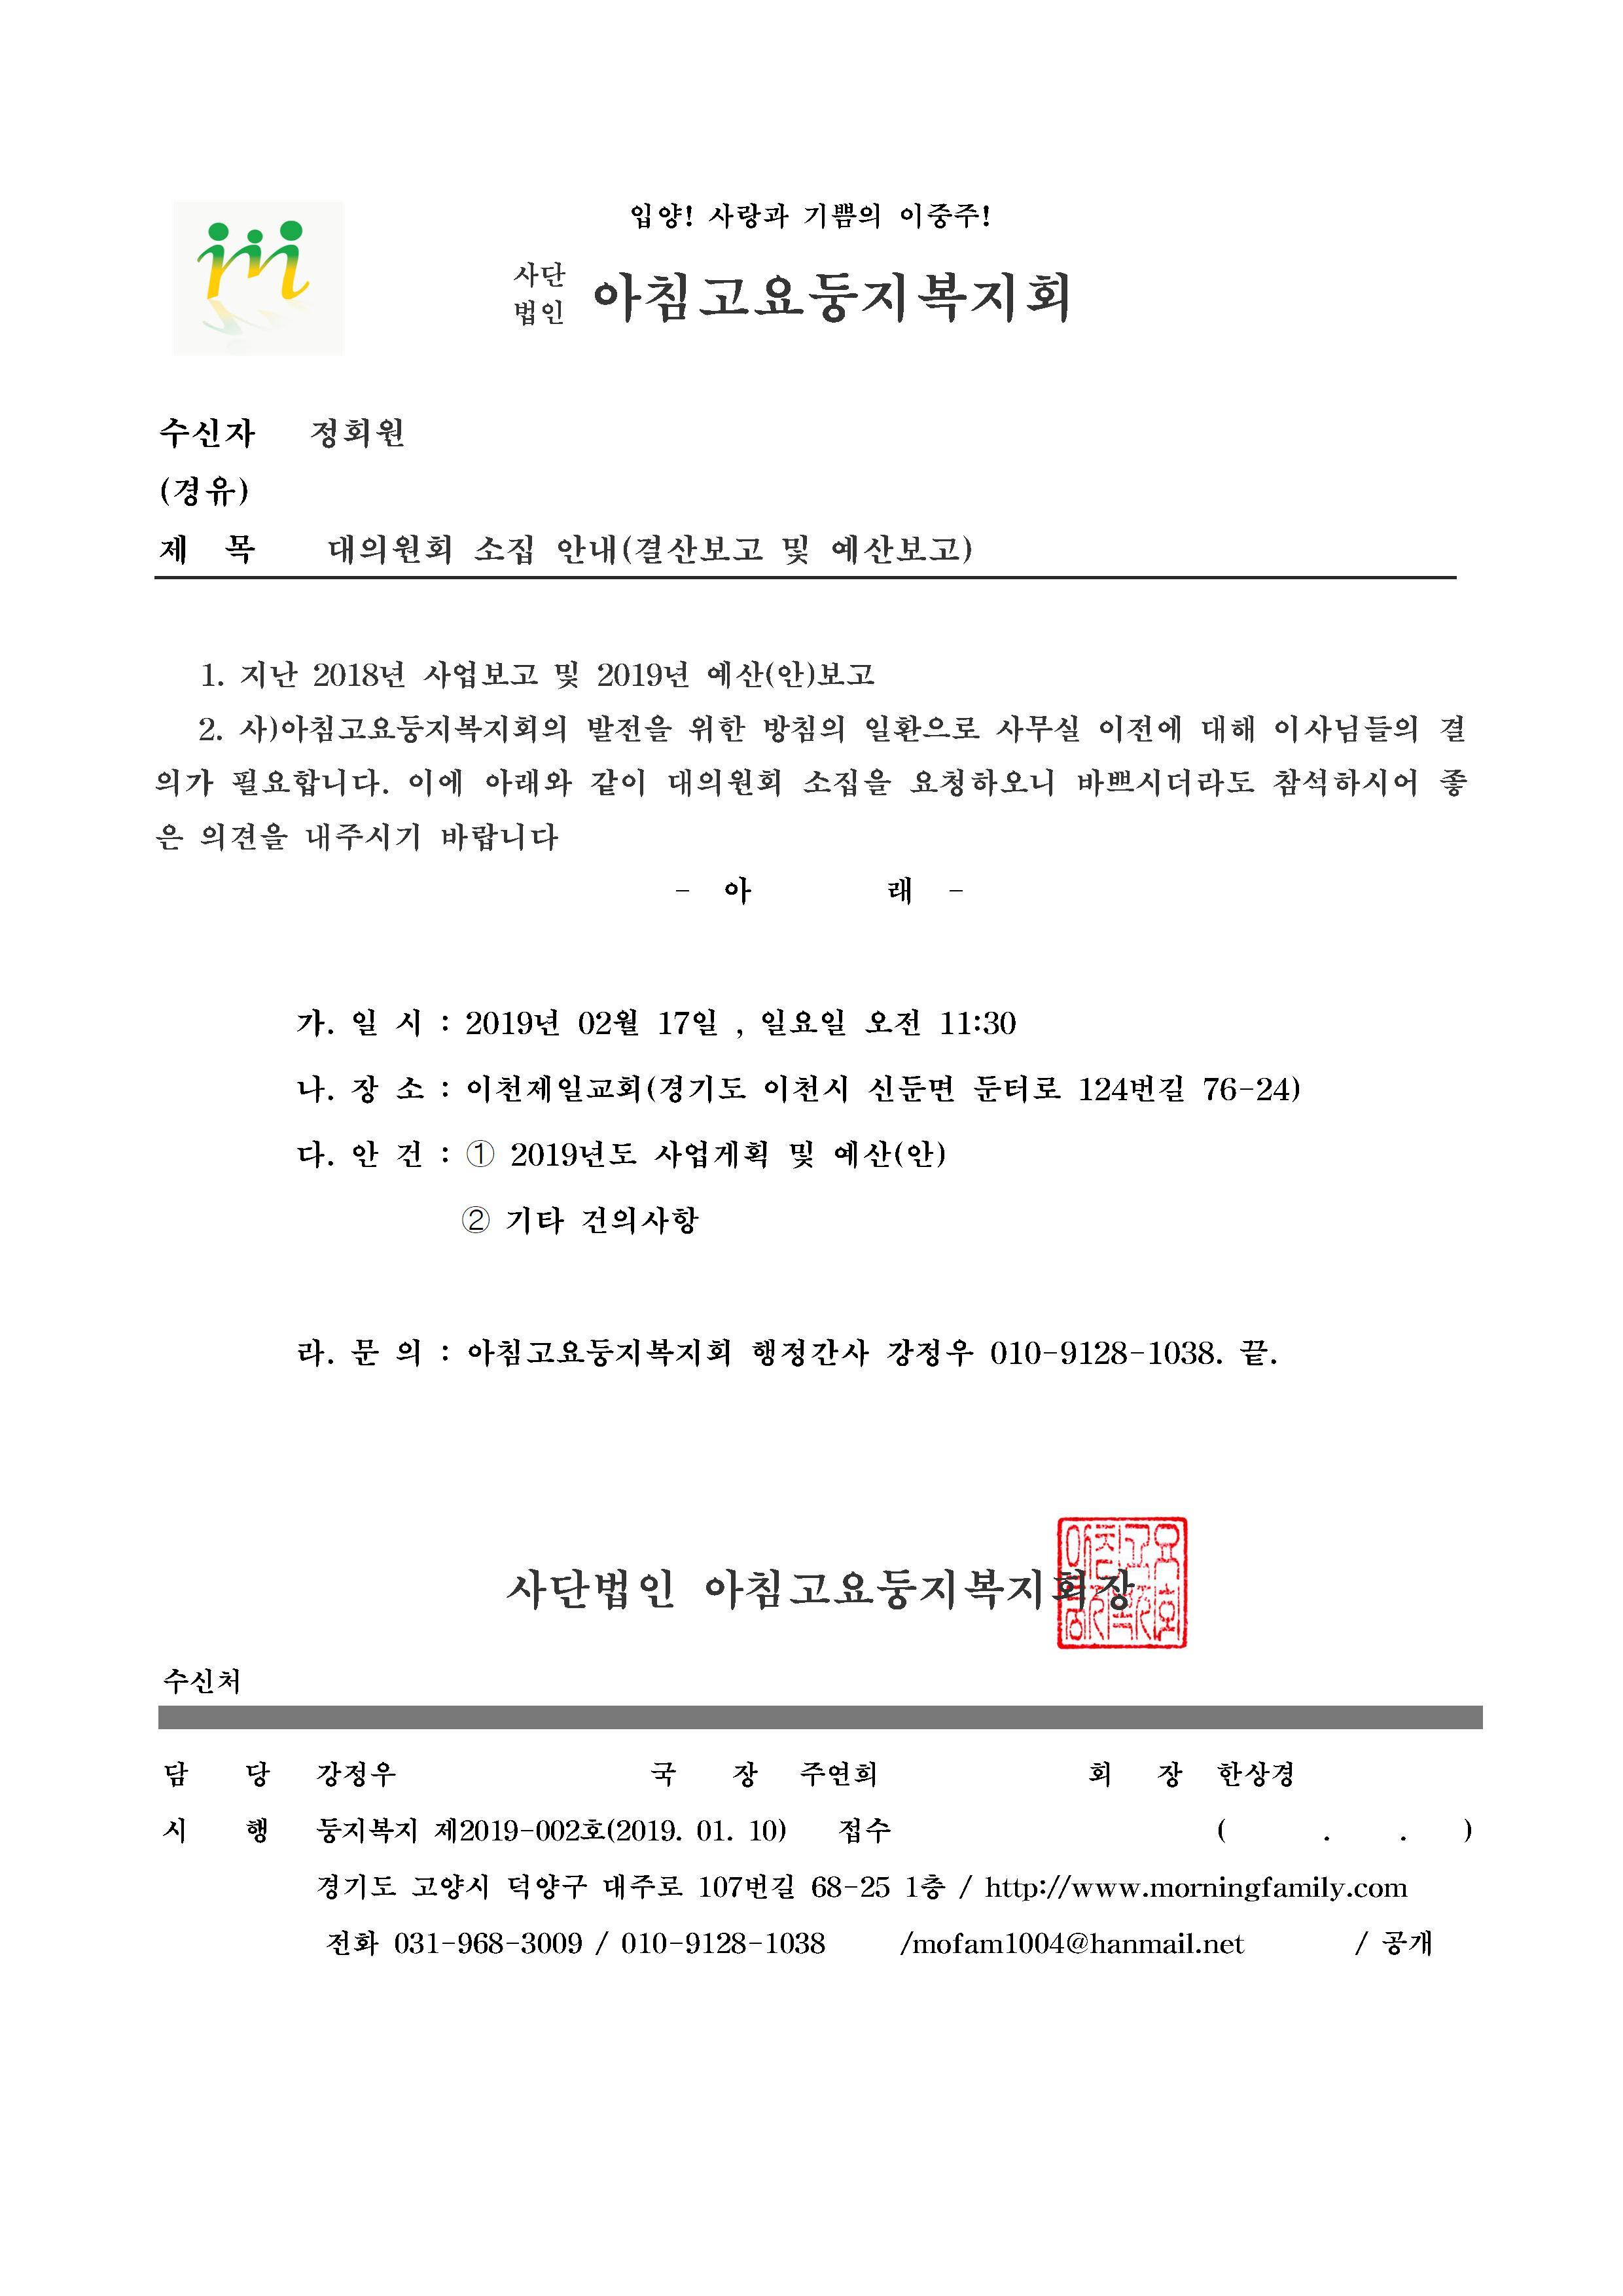 19-002 전국 대표자 회의.jpg